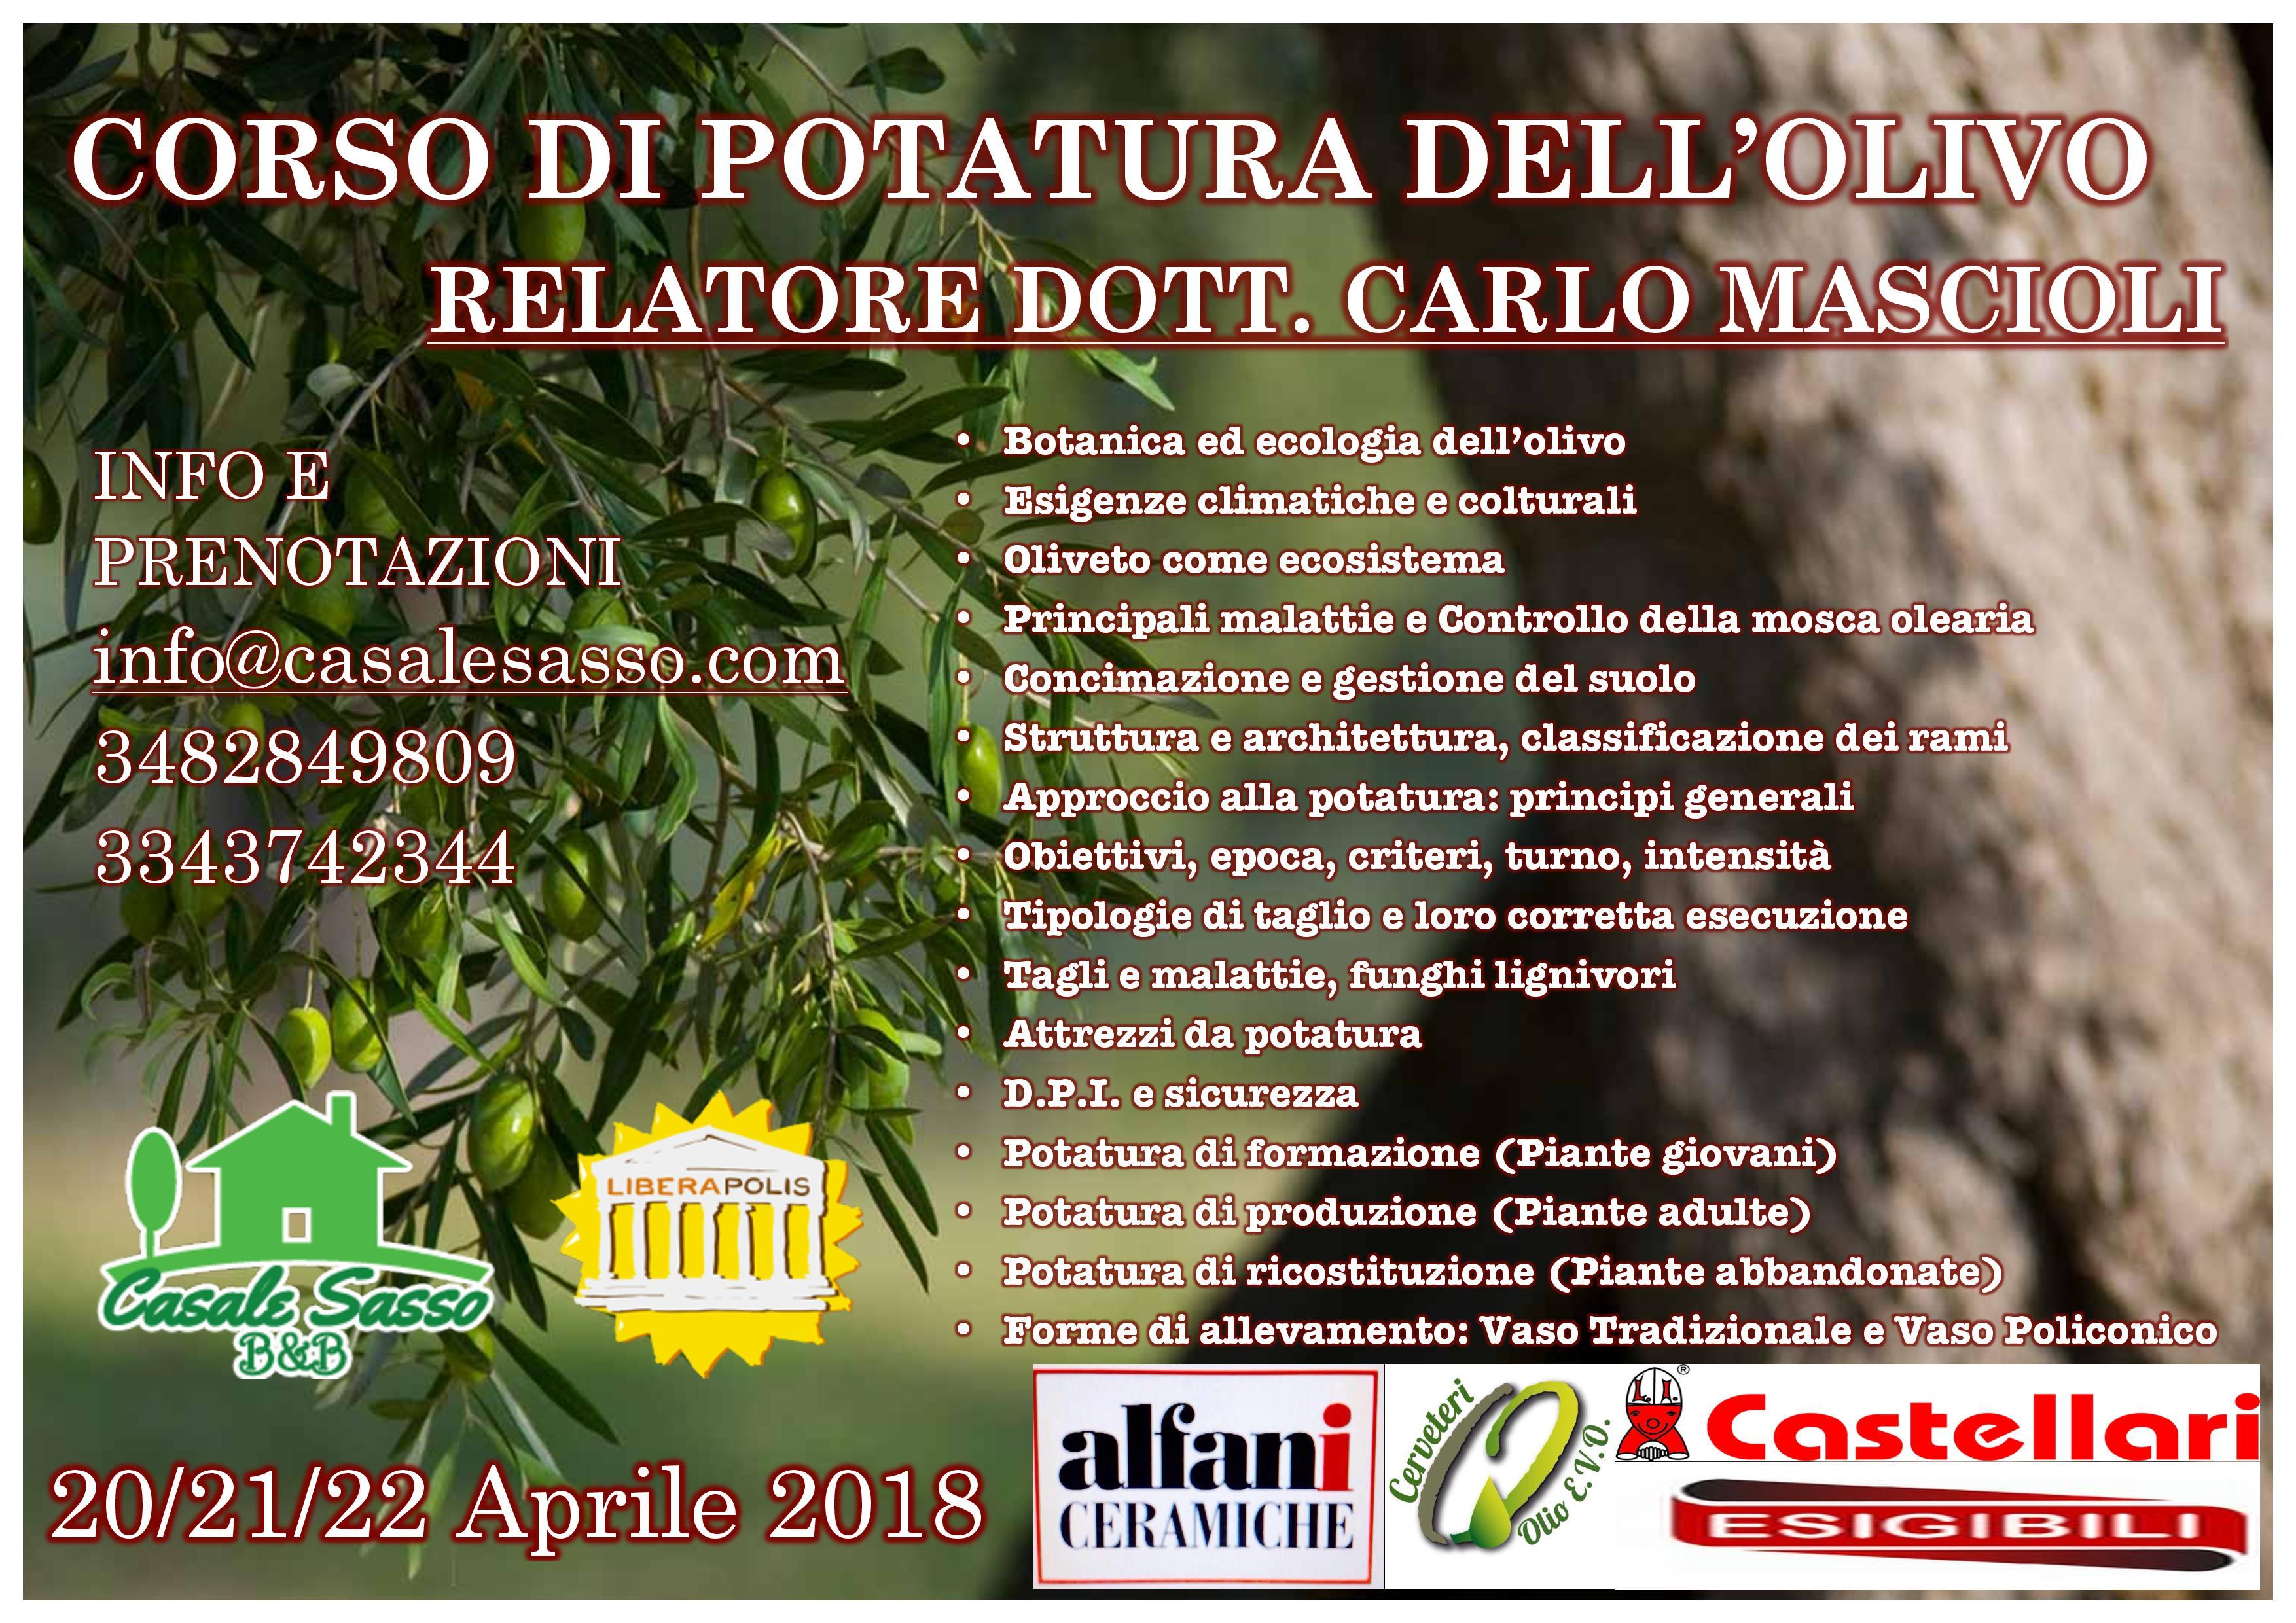 Corso Di Potatura Dell'Olivo 20/21/22 Aprile